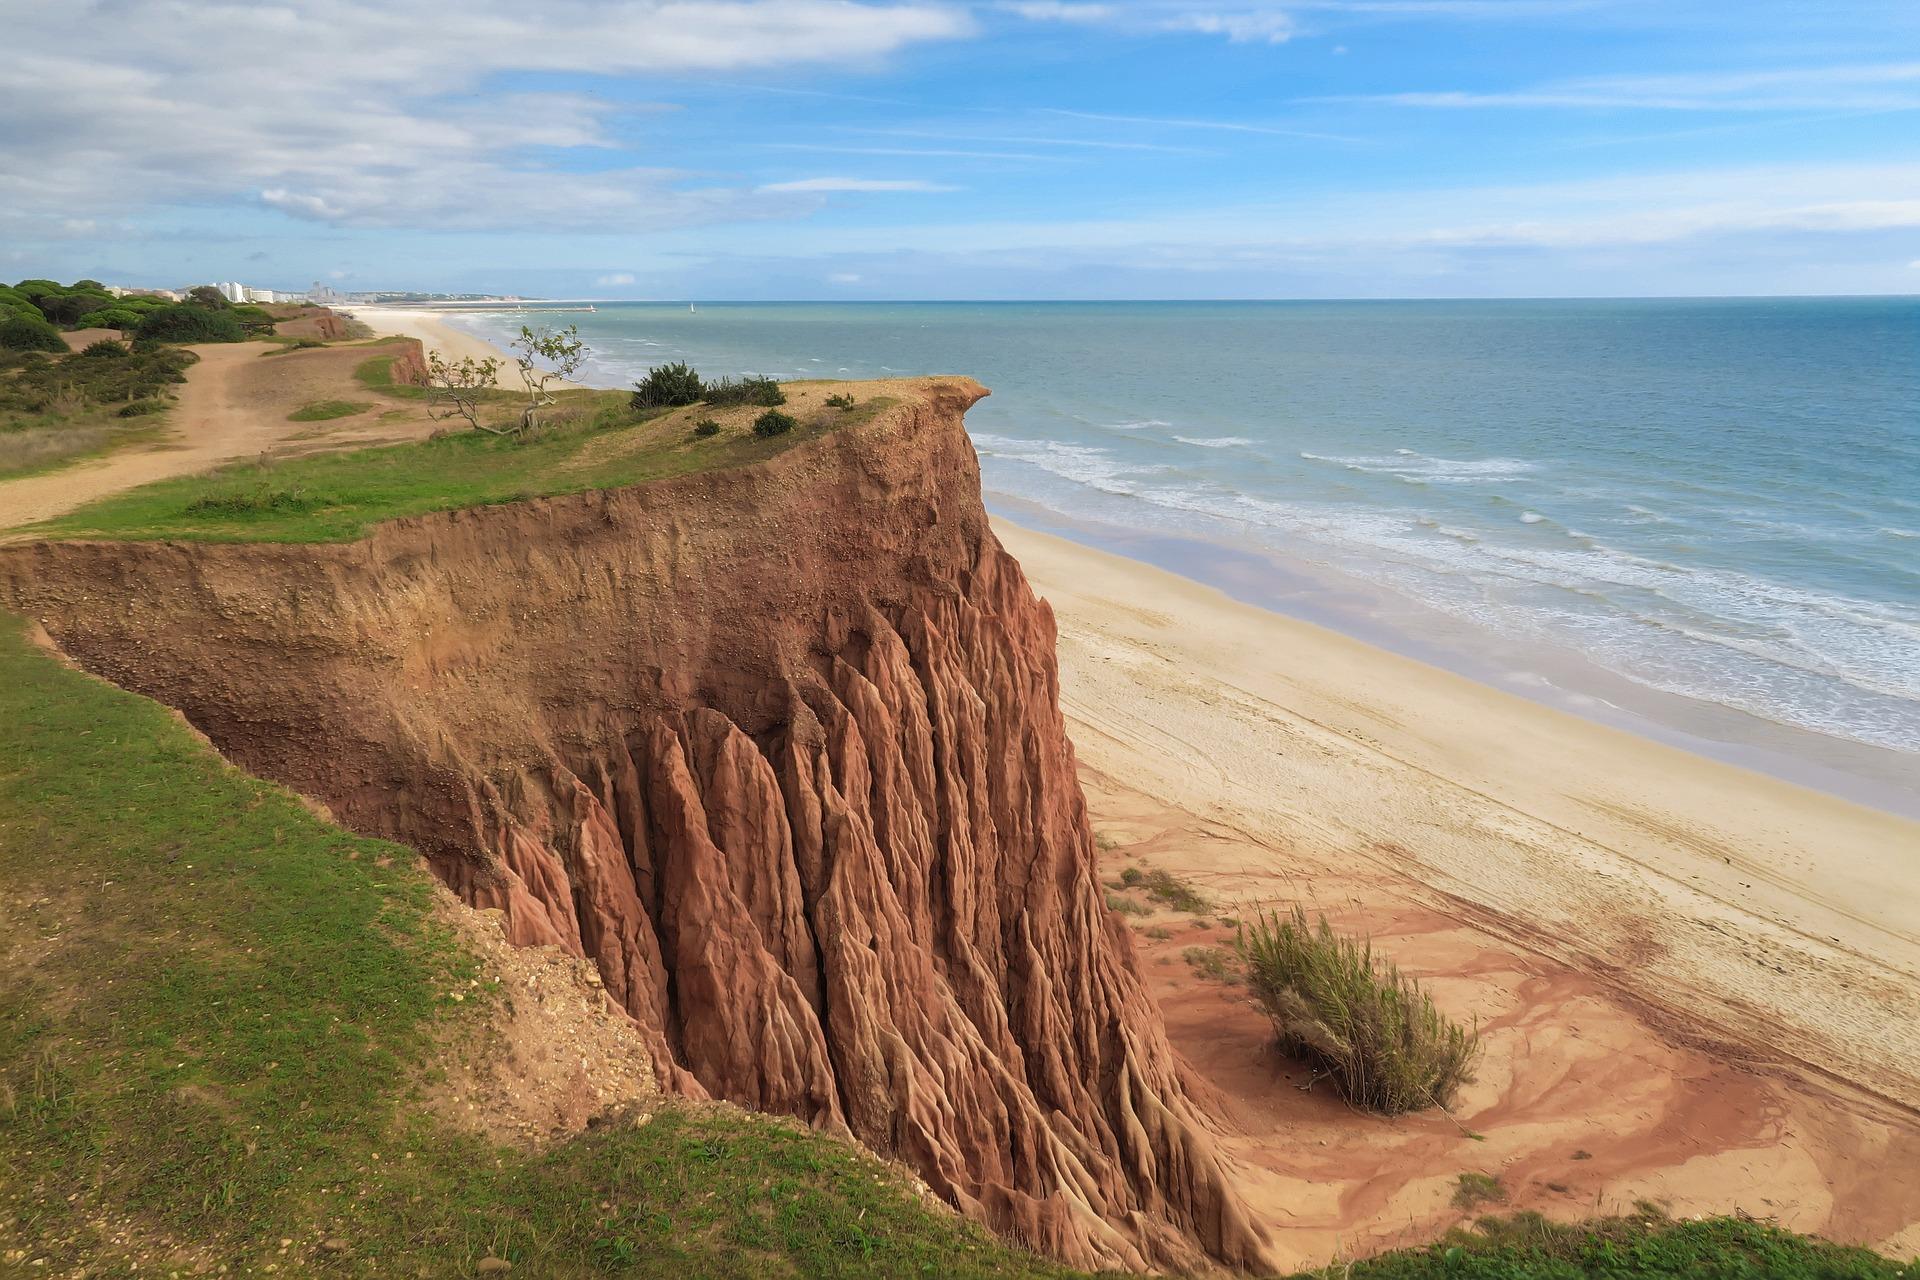 Praia de Falésia an der Atlantikküste im Süden des Landes